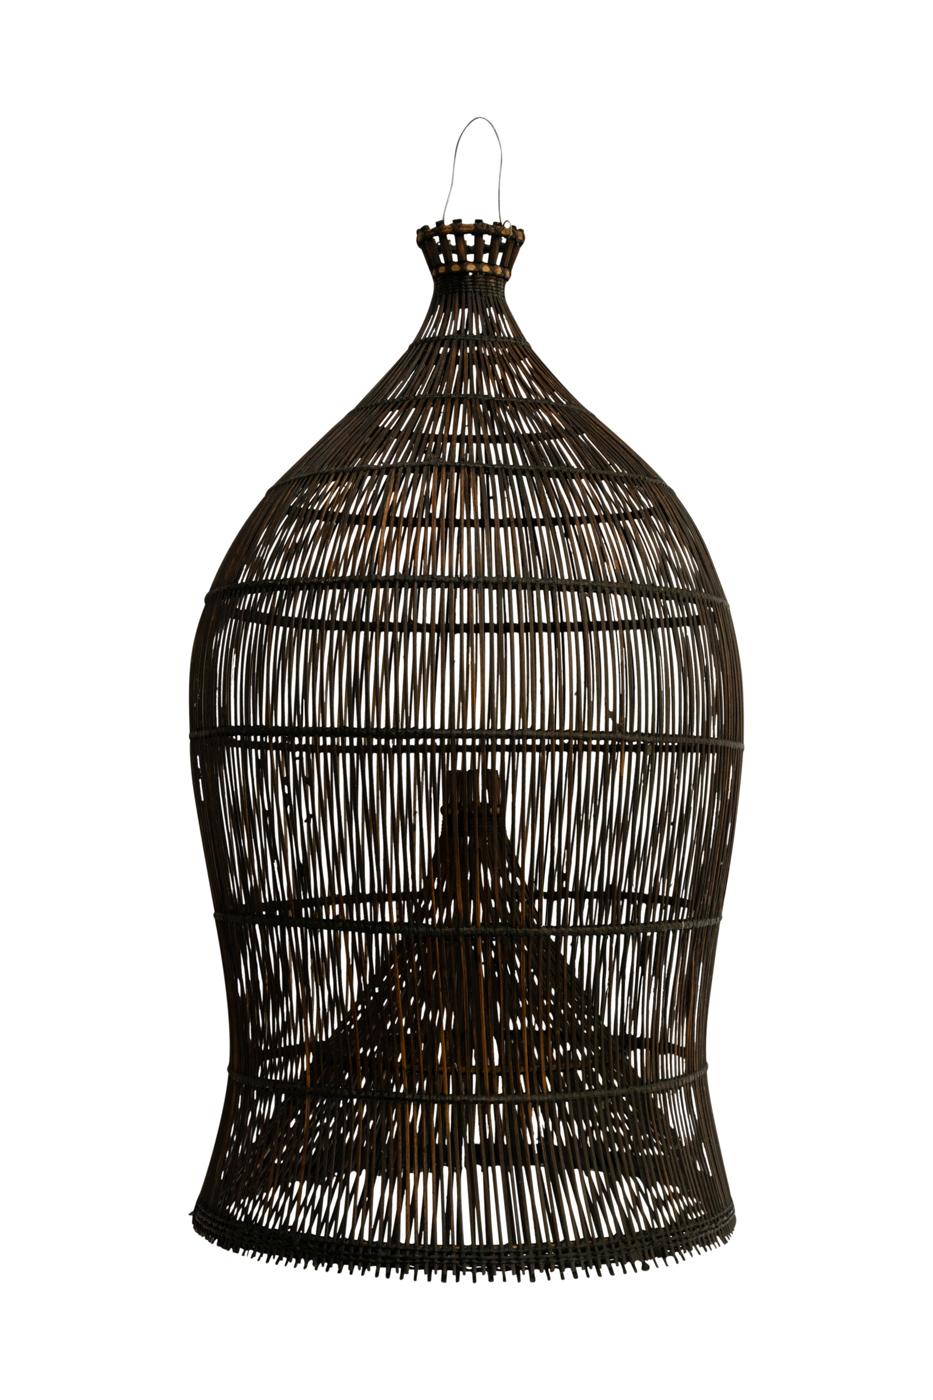 Lámpara estilo camaronera mediana en bamboo